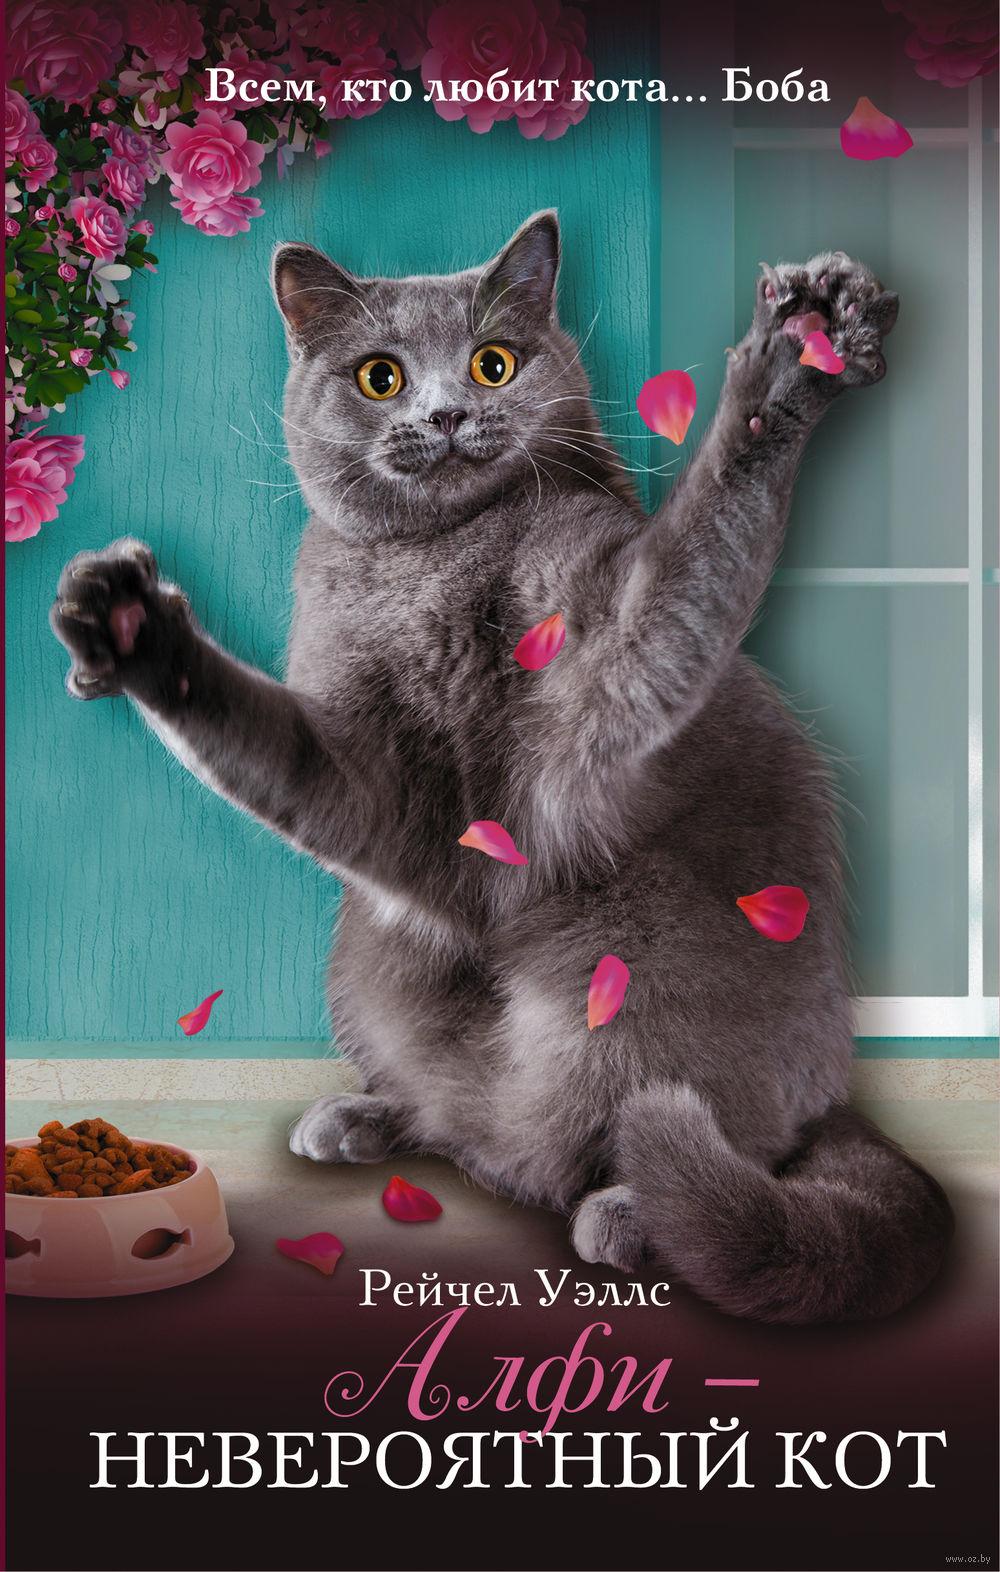 Рецензия – книга Рейчел Уэллс «Алфи – невероятный кот»